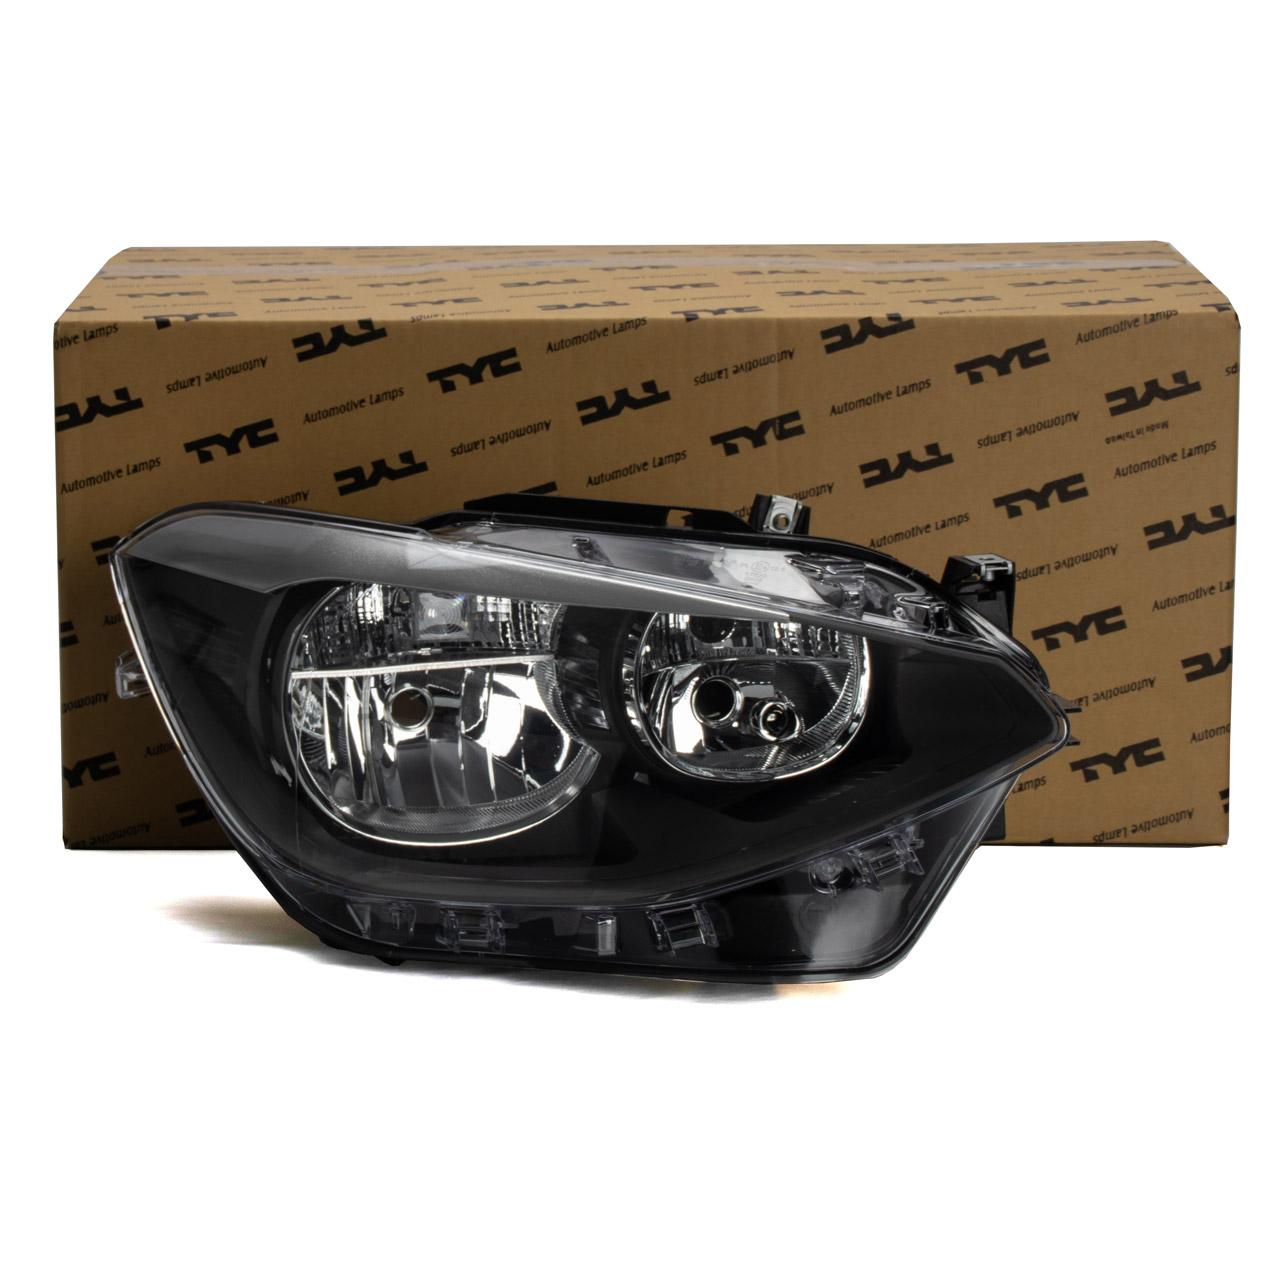 TYC Hauptscheinwerfer Scheinwerfer HALOGEN + LWR BMW 1er F20 F21 vorne rechts 63117229672